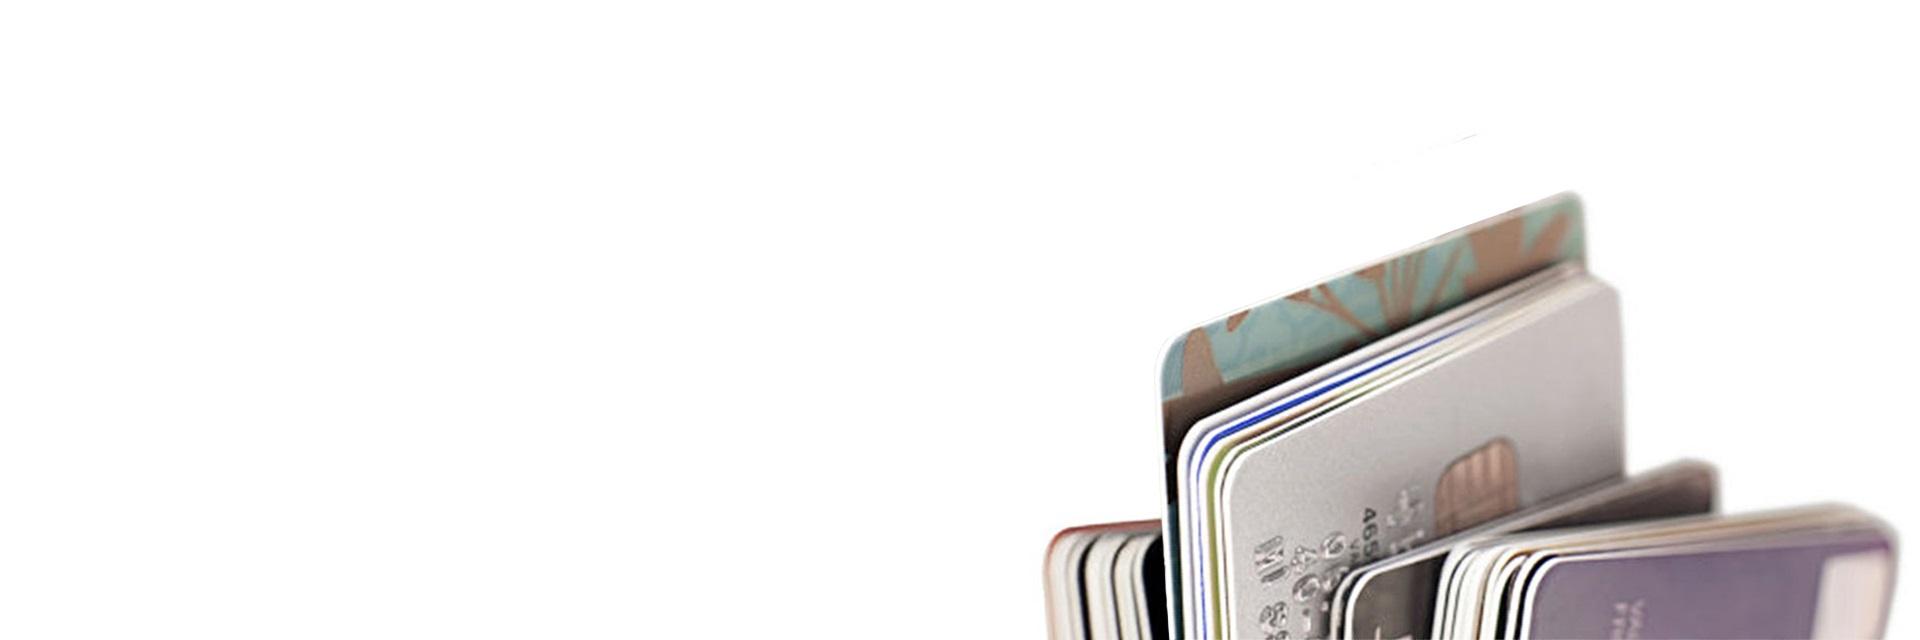 card_solutions-hero2_2.jpg